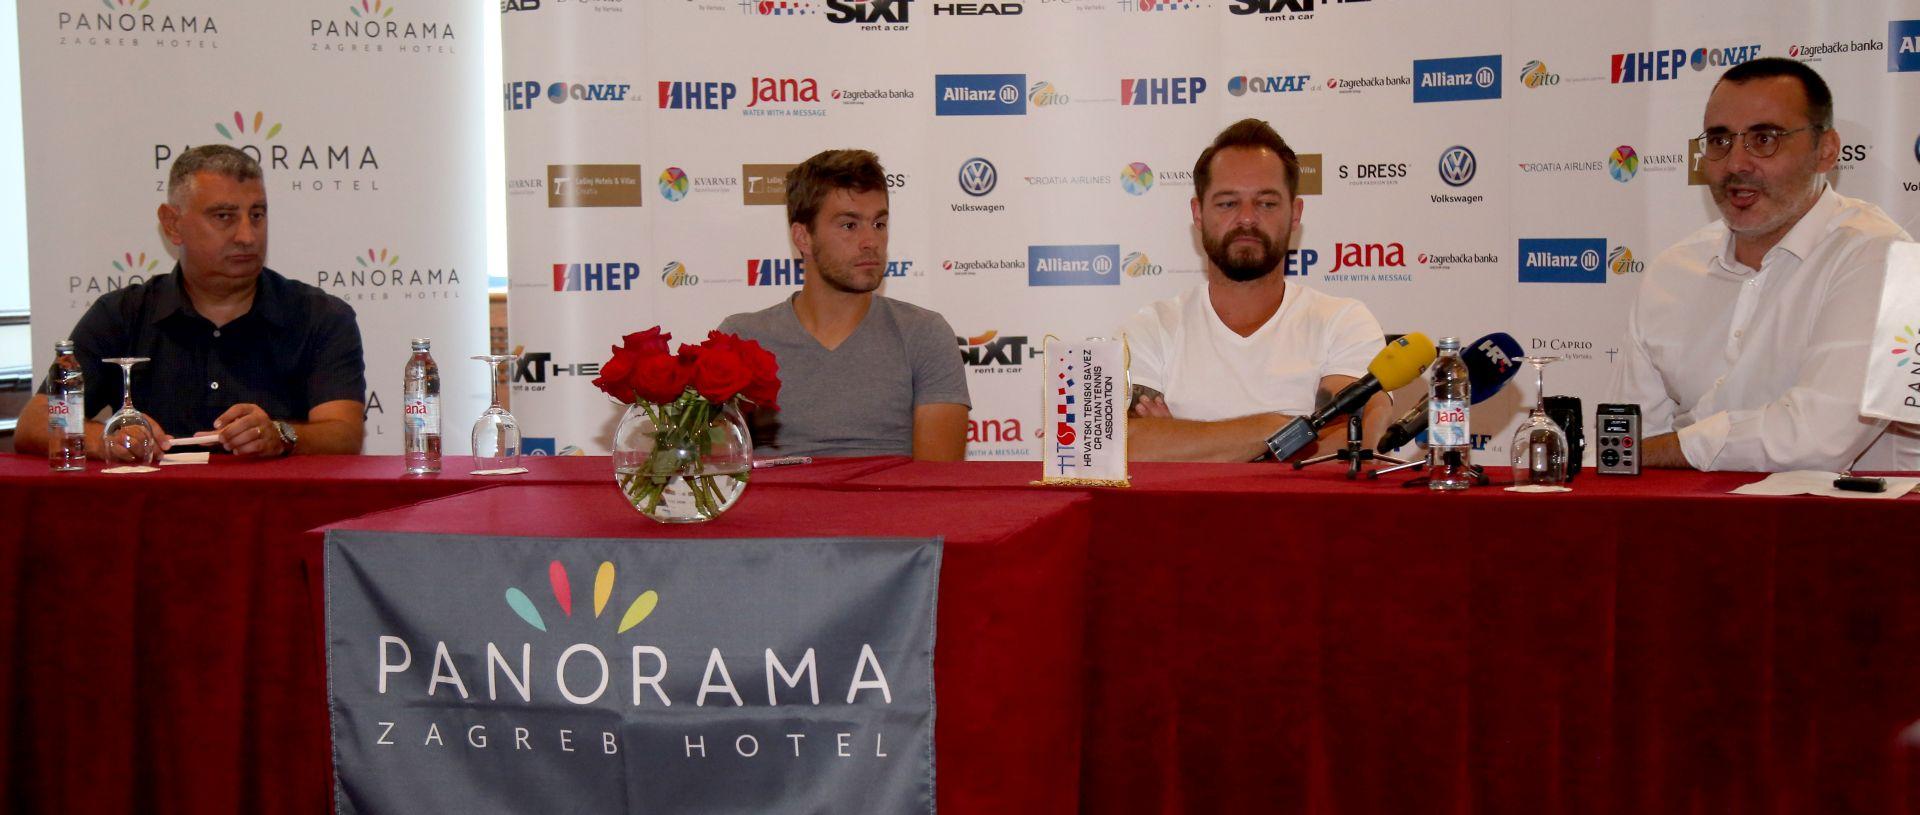 ŽELJKO KRAJAN 'Hrvatski tenis je u ovom trenutku na vrhuncu'